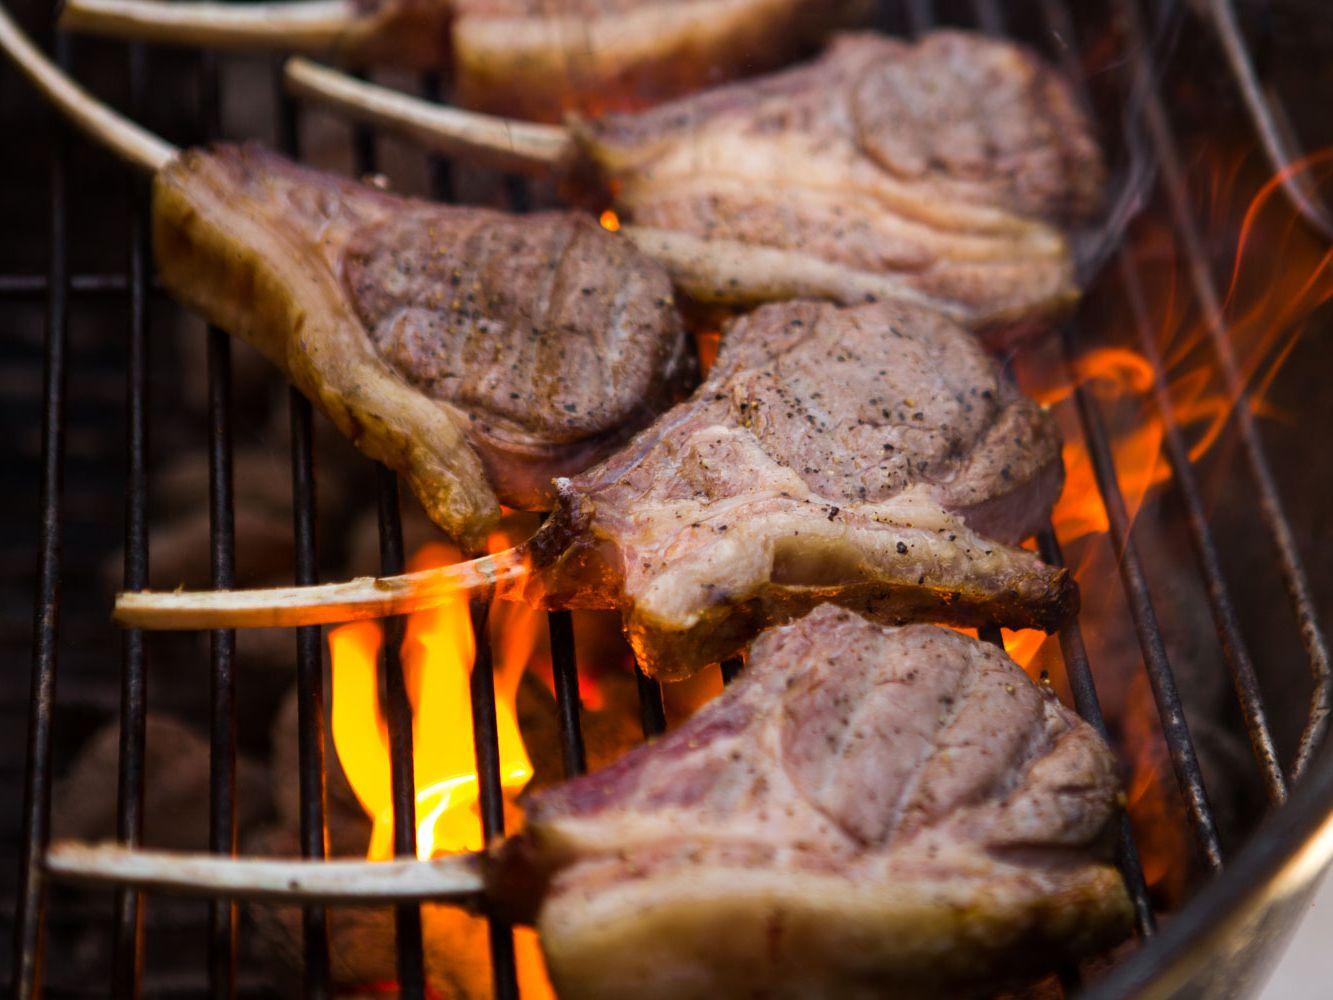 lamb loin chops recipe serious eats Perfectly Grilled Lamb Rib or Loin Chops Recipe